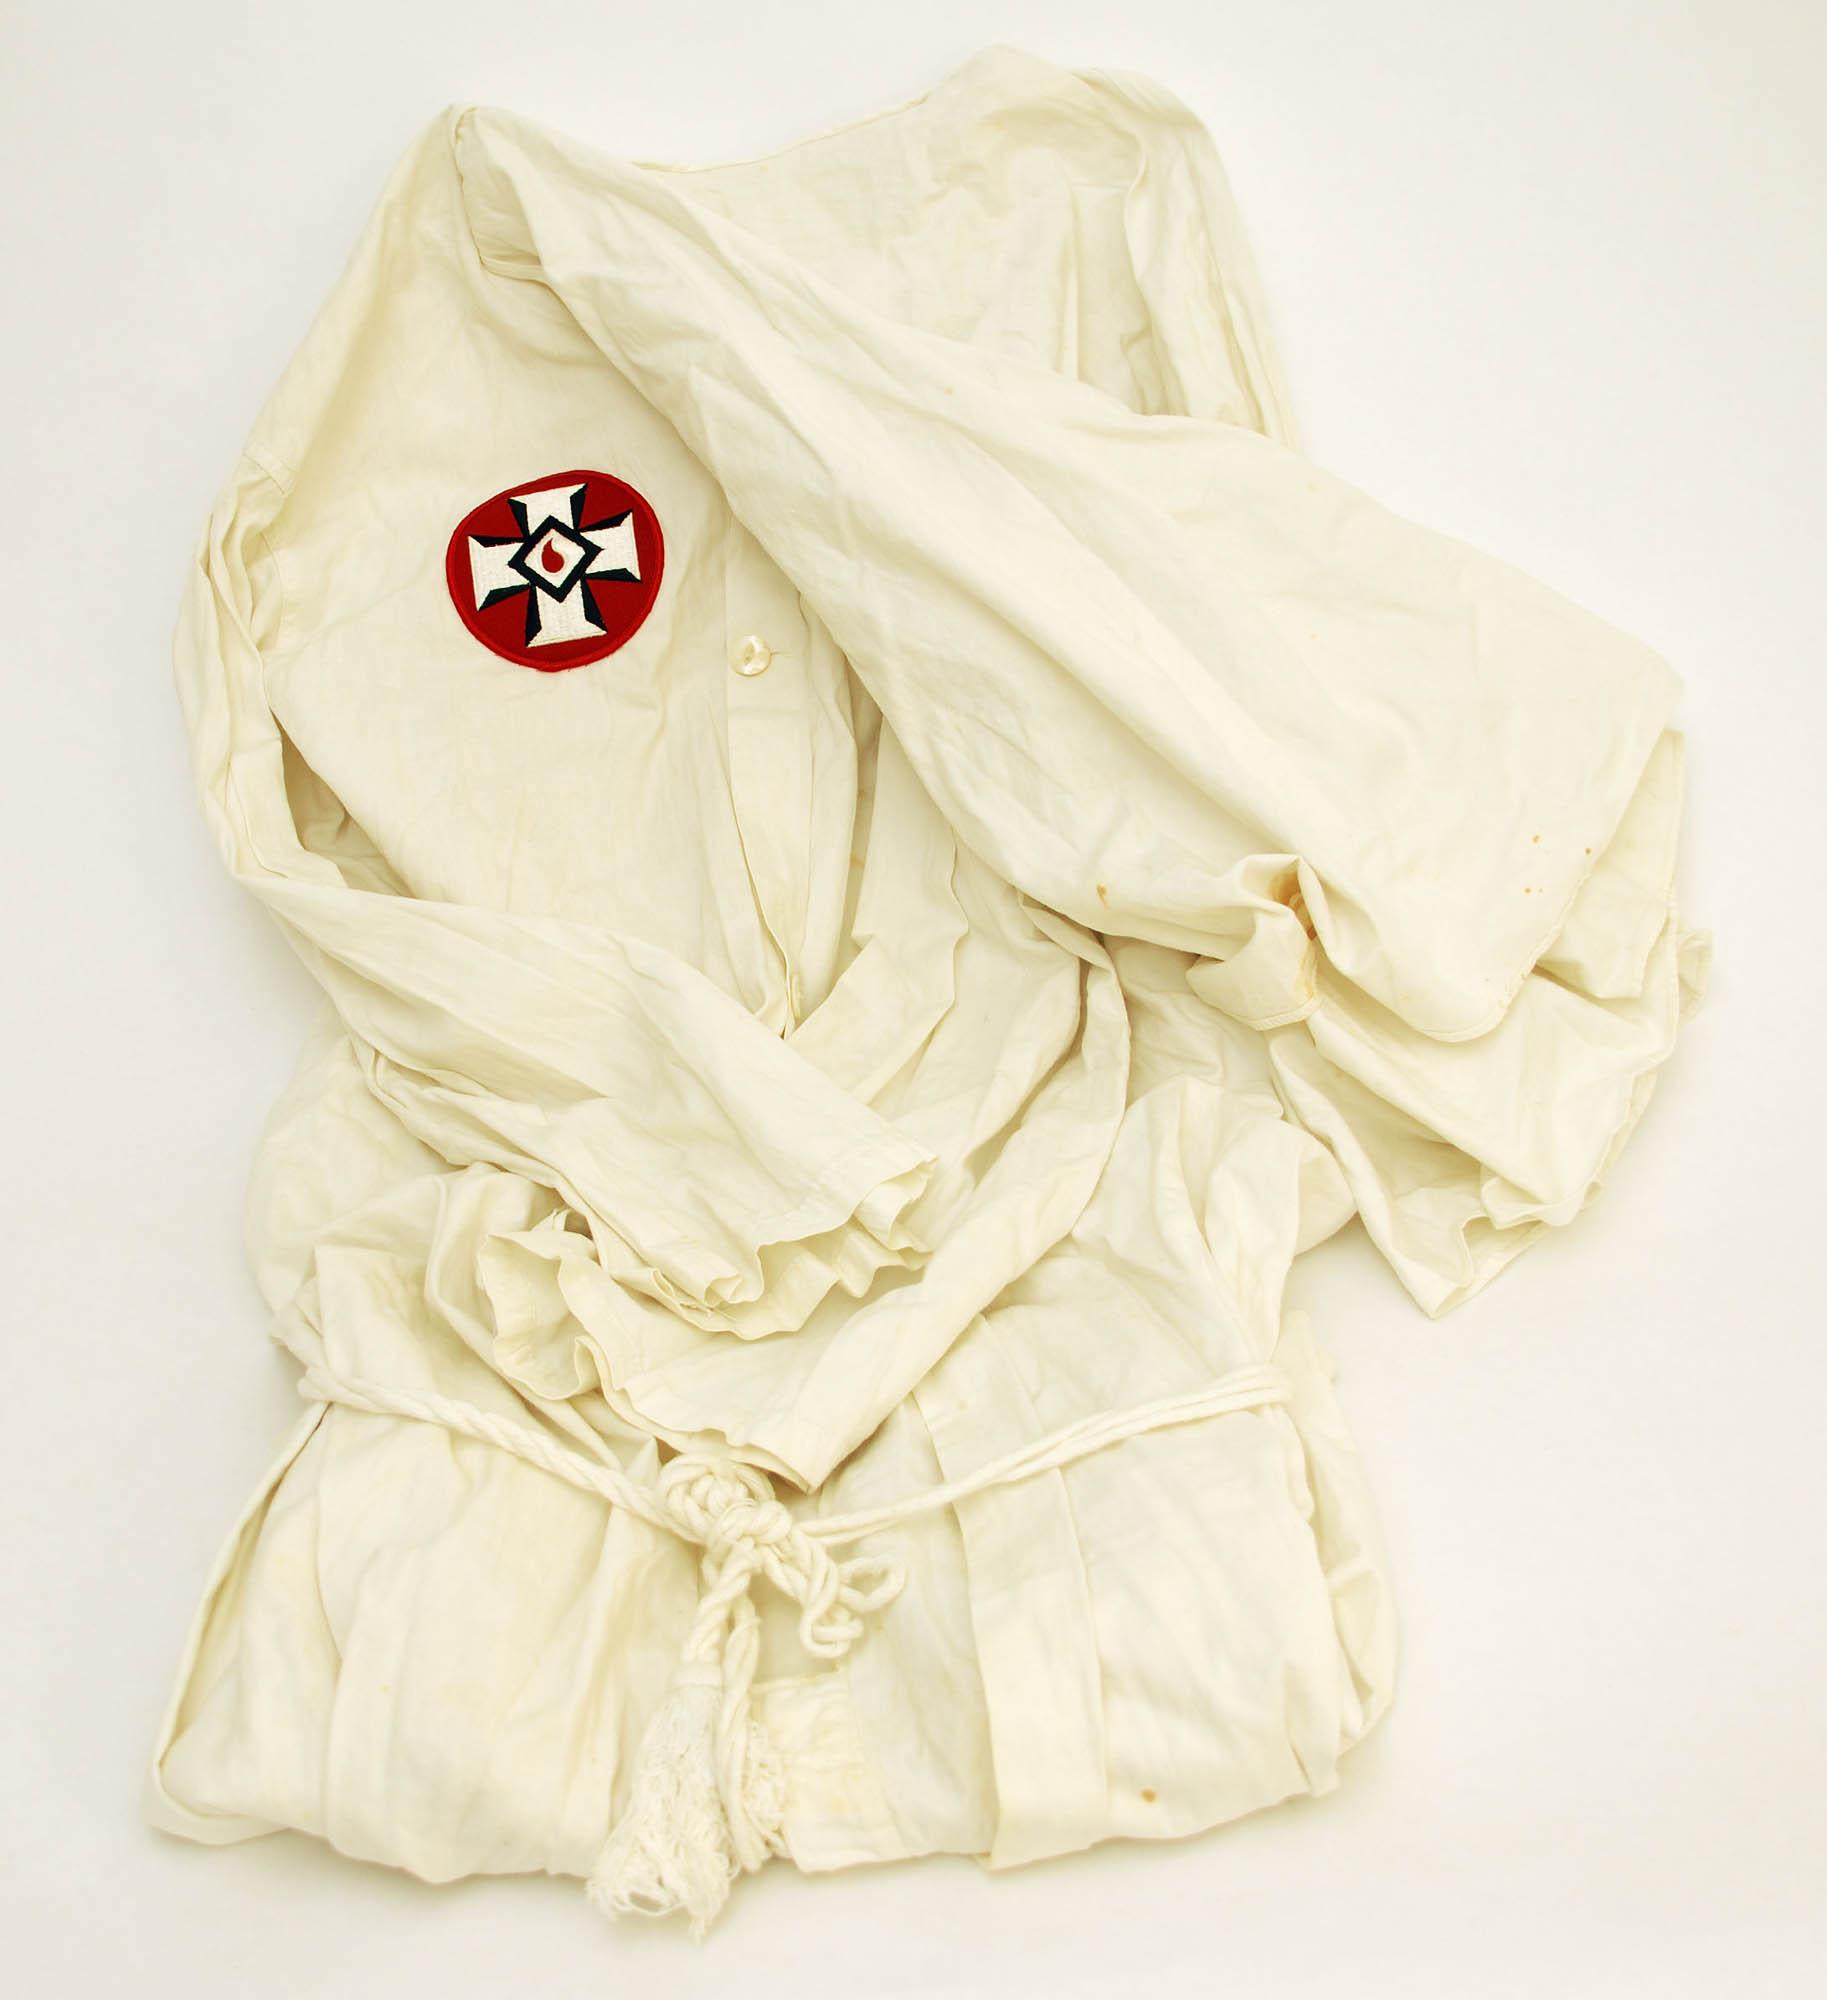 Ku Klux Klan uniform